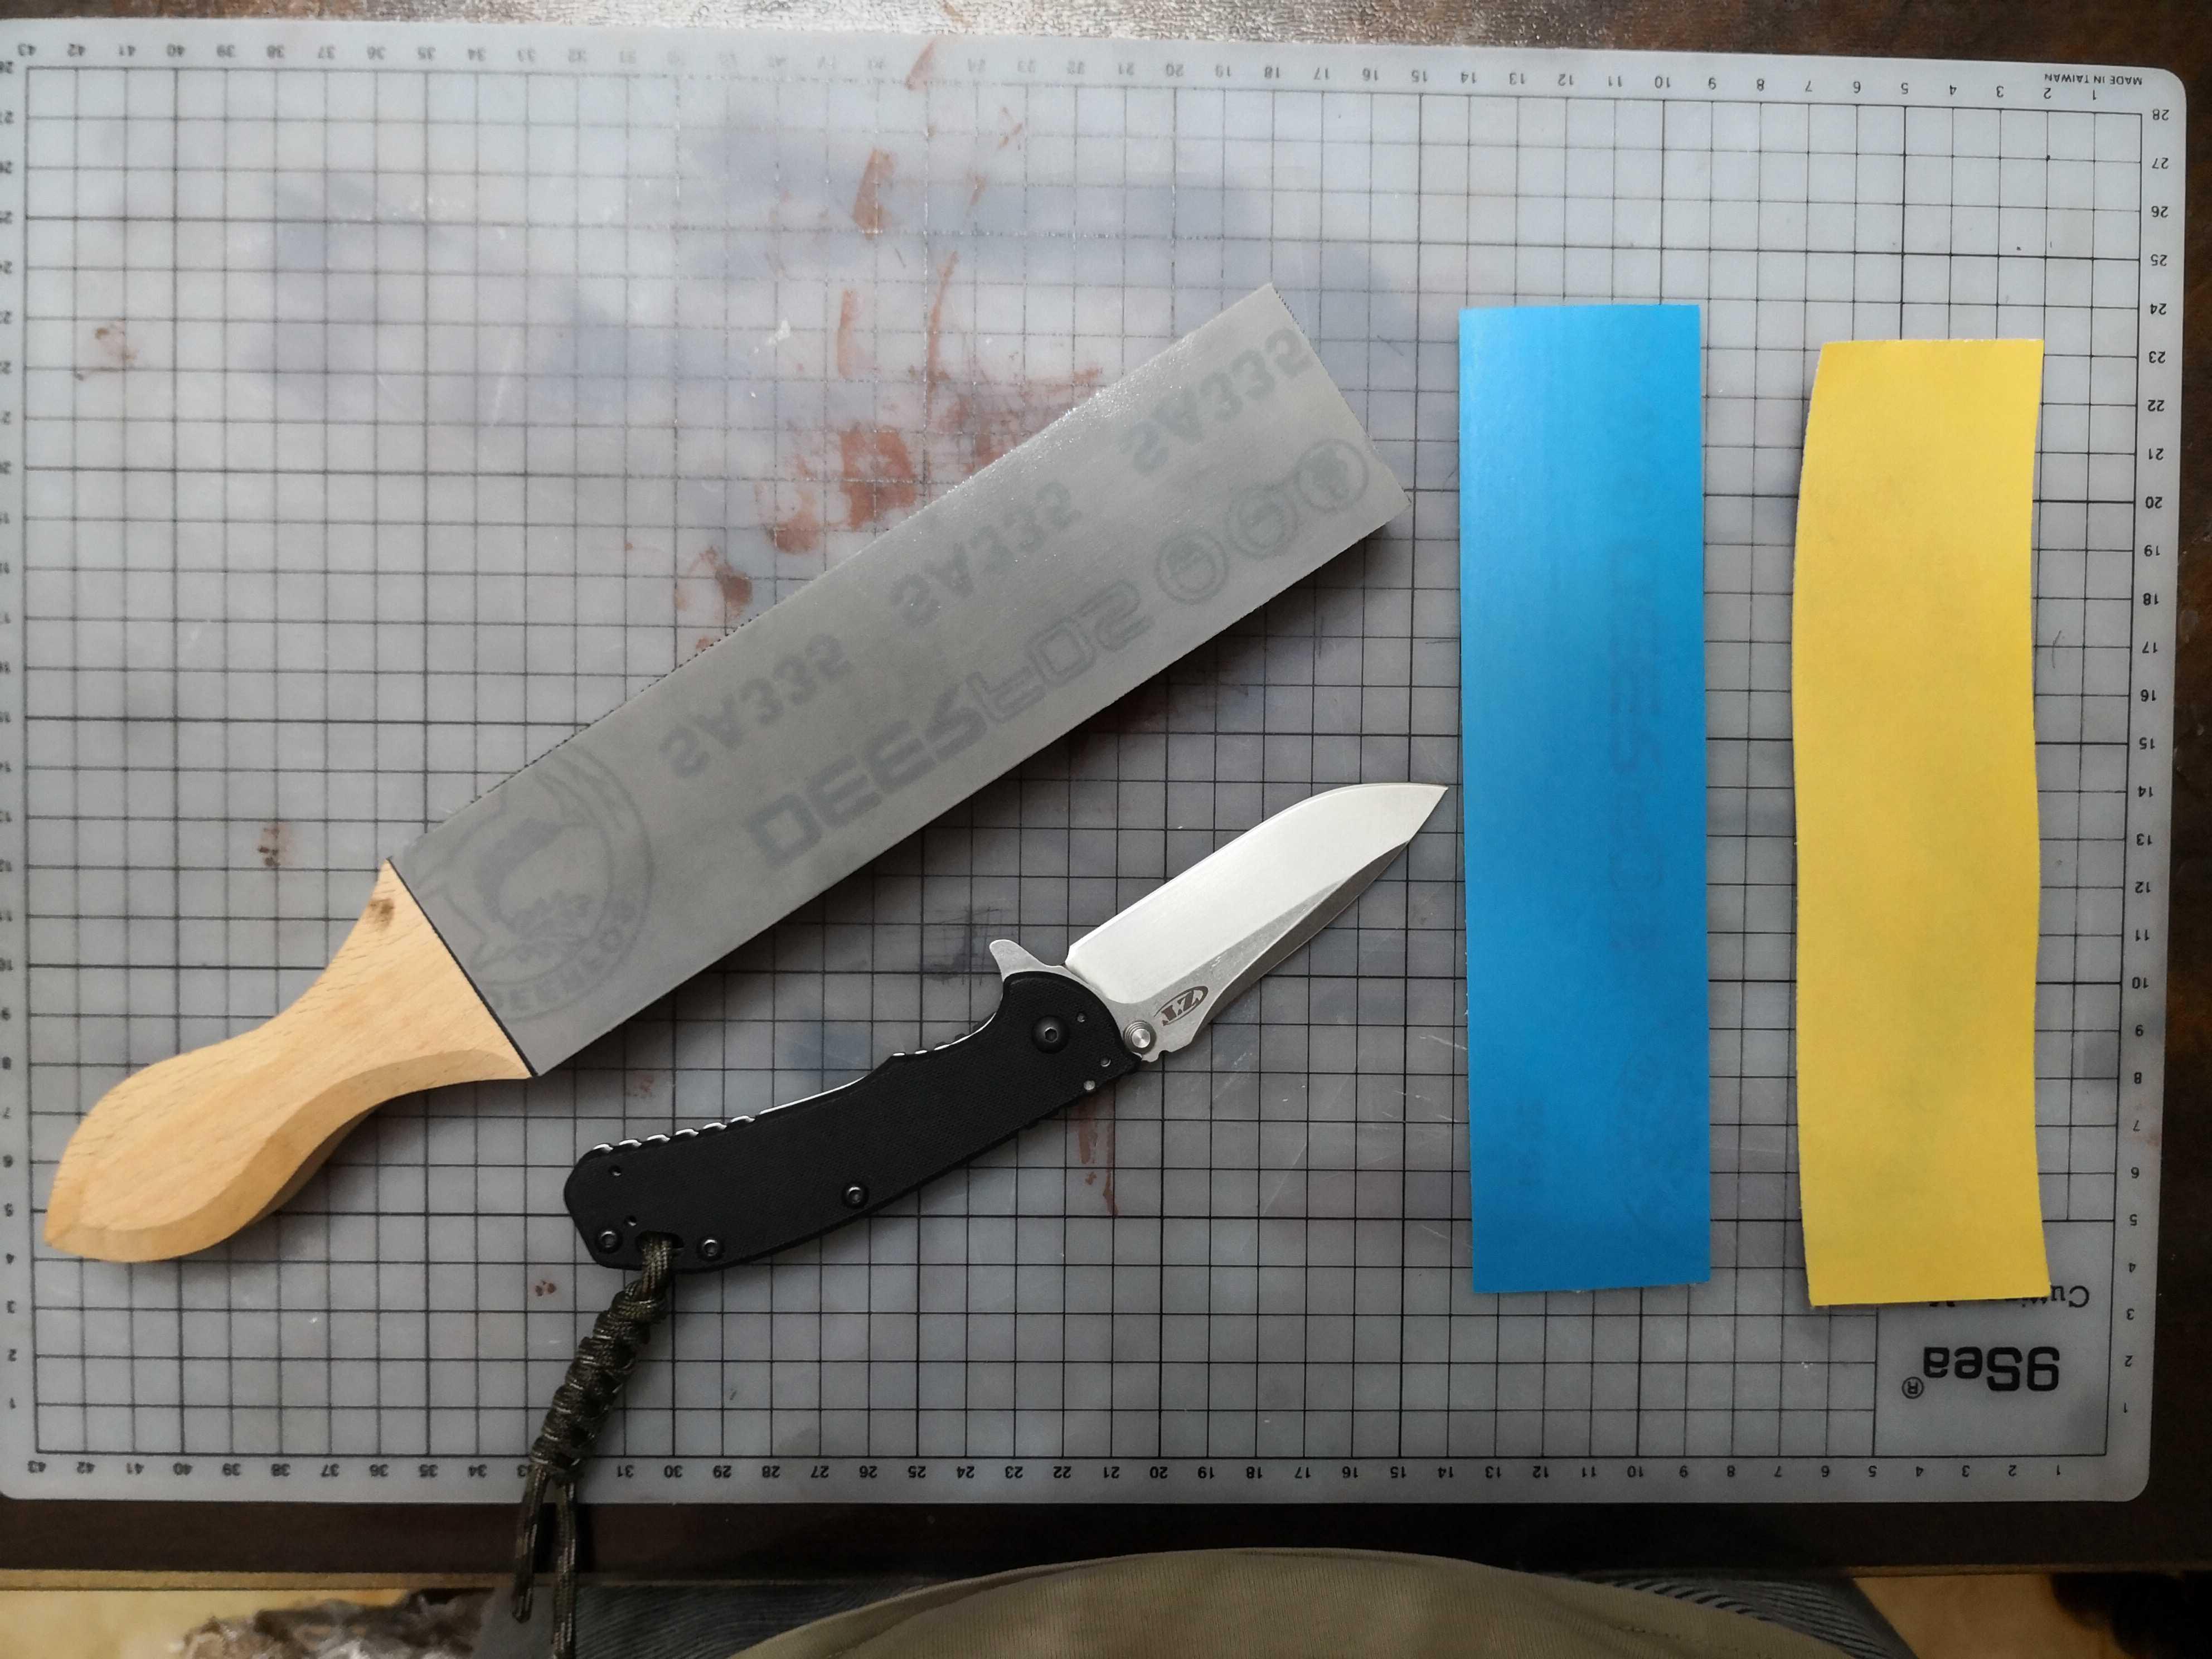 Братья качели нож доска не- точильный камень камень наждачная бумага братья нож друг специальный